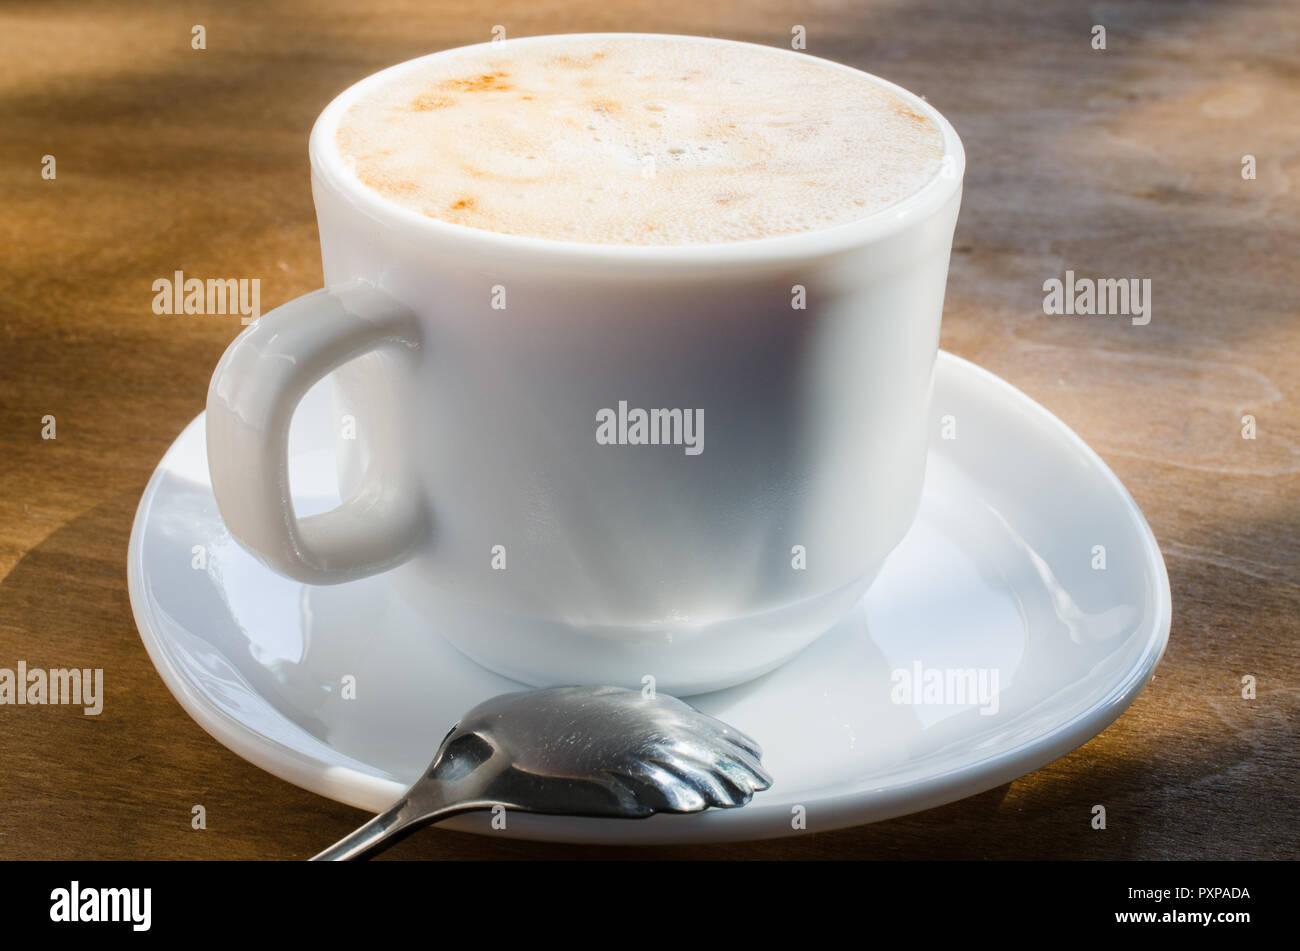 Cappuccino Latte Tasse L'inscription Blanc Café Avec Mousse En Et Ou dBWrxQeoEC